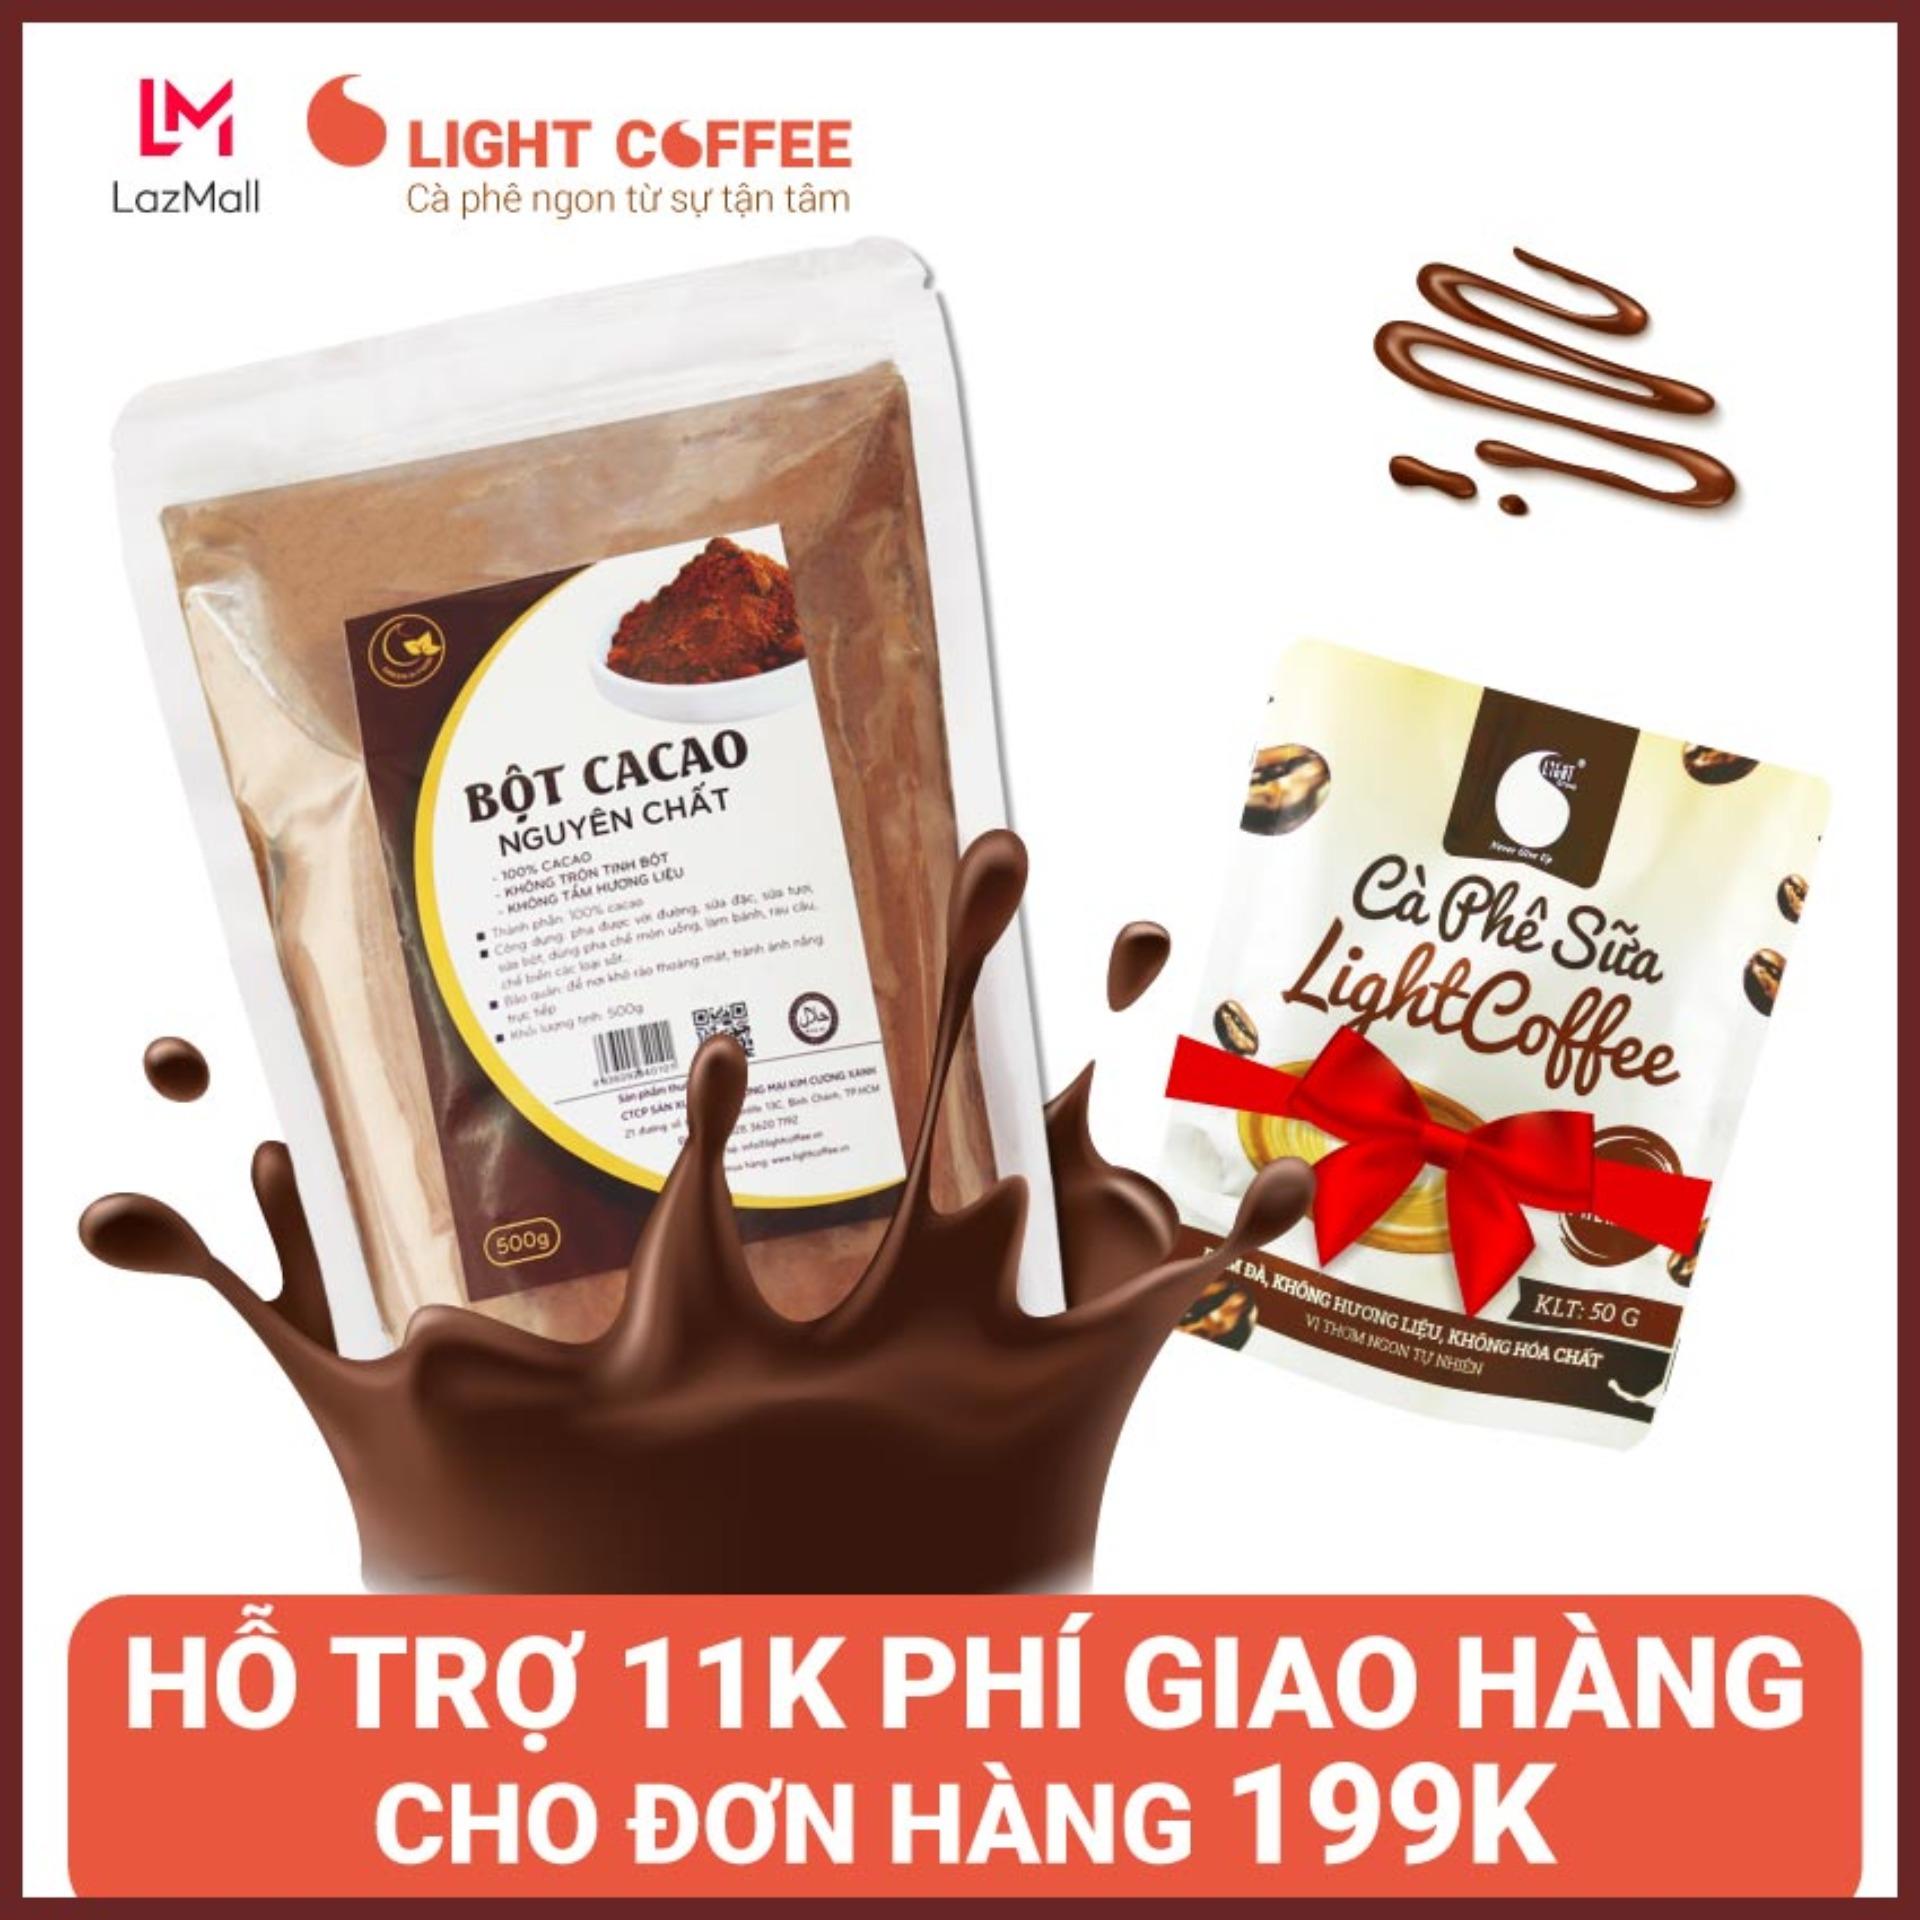 Bột cacao nguyên chất cao cấp , không pha trộn tạp chất , dễ tan, đậm đà, Light Ca cao , 500g - Tặng 1 gói cà phê sữa 50g